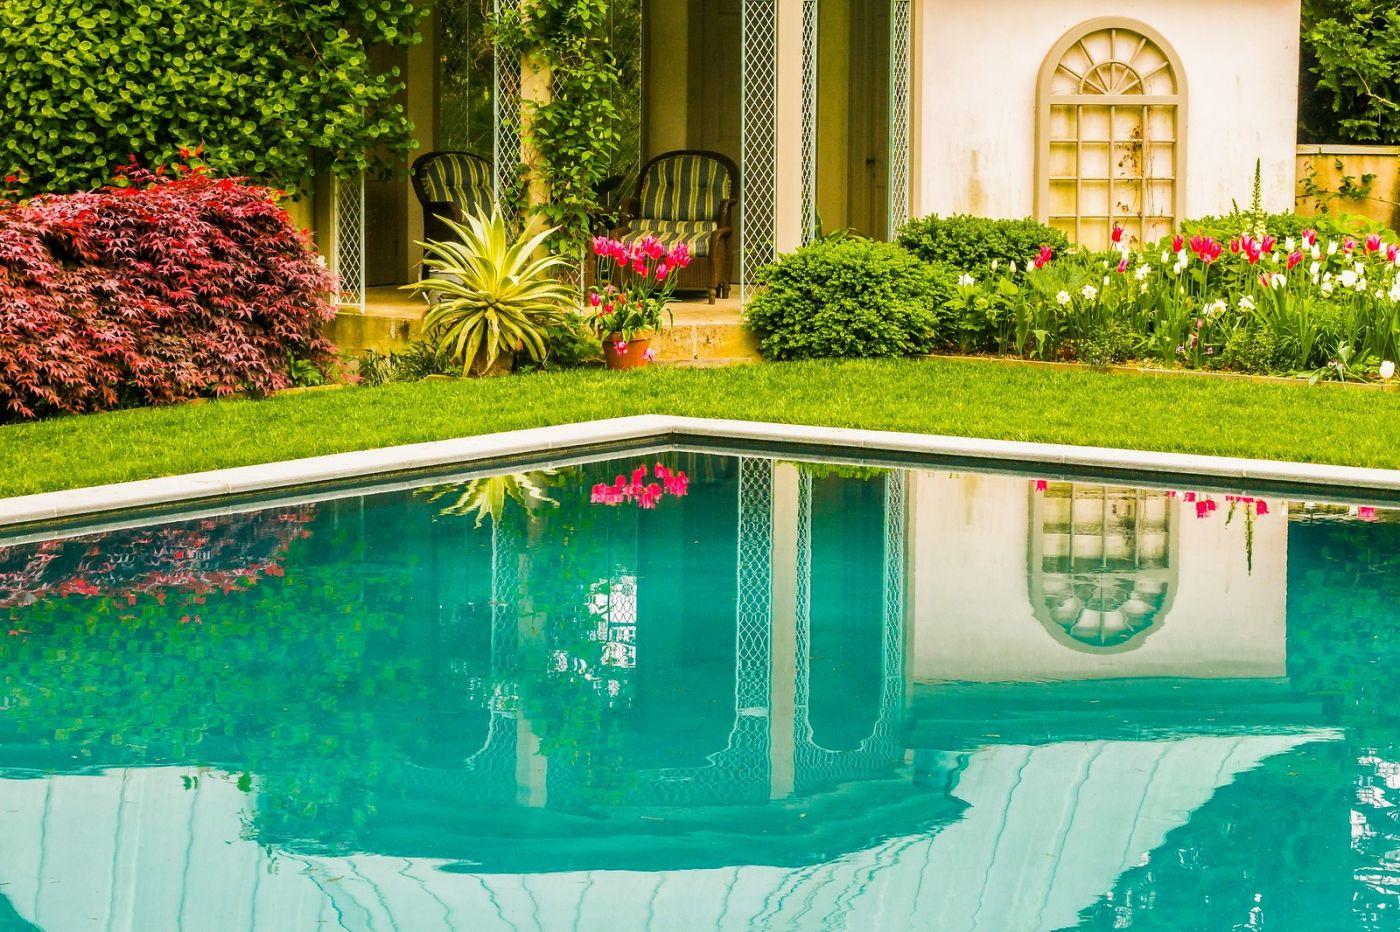 Chanticleer花园,花房泳池_图1-25